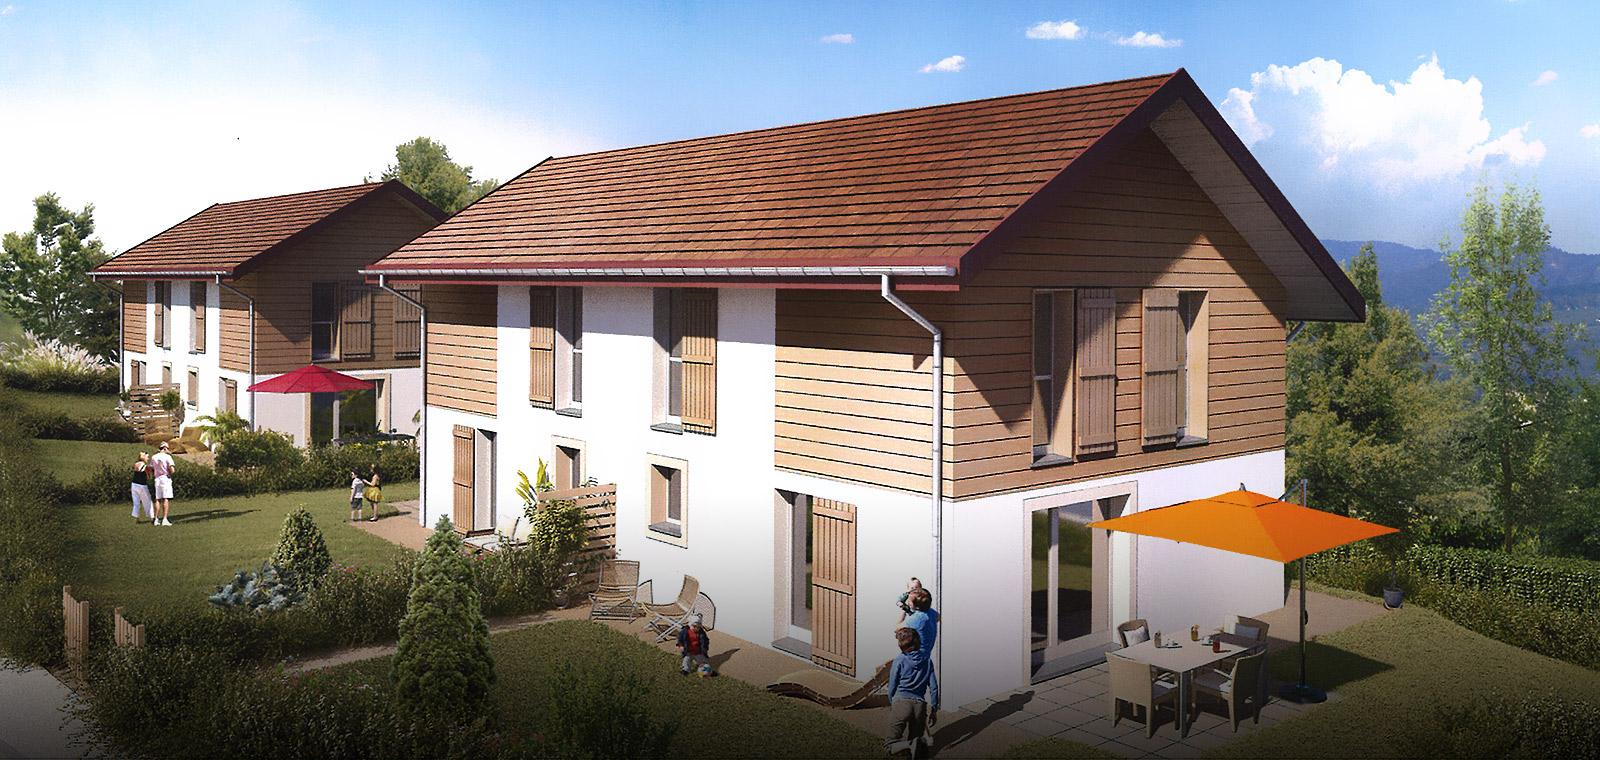 Maisons 4807 constructeur de maisons individuelles en for Constructeur maison individuelle savoie